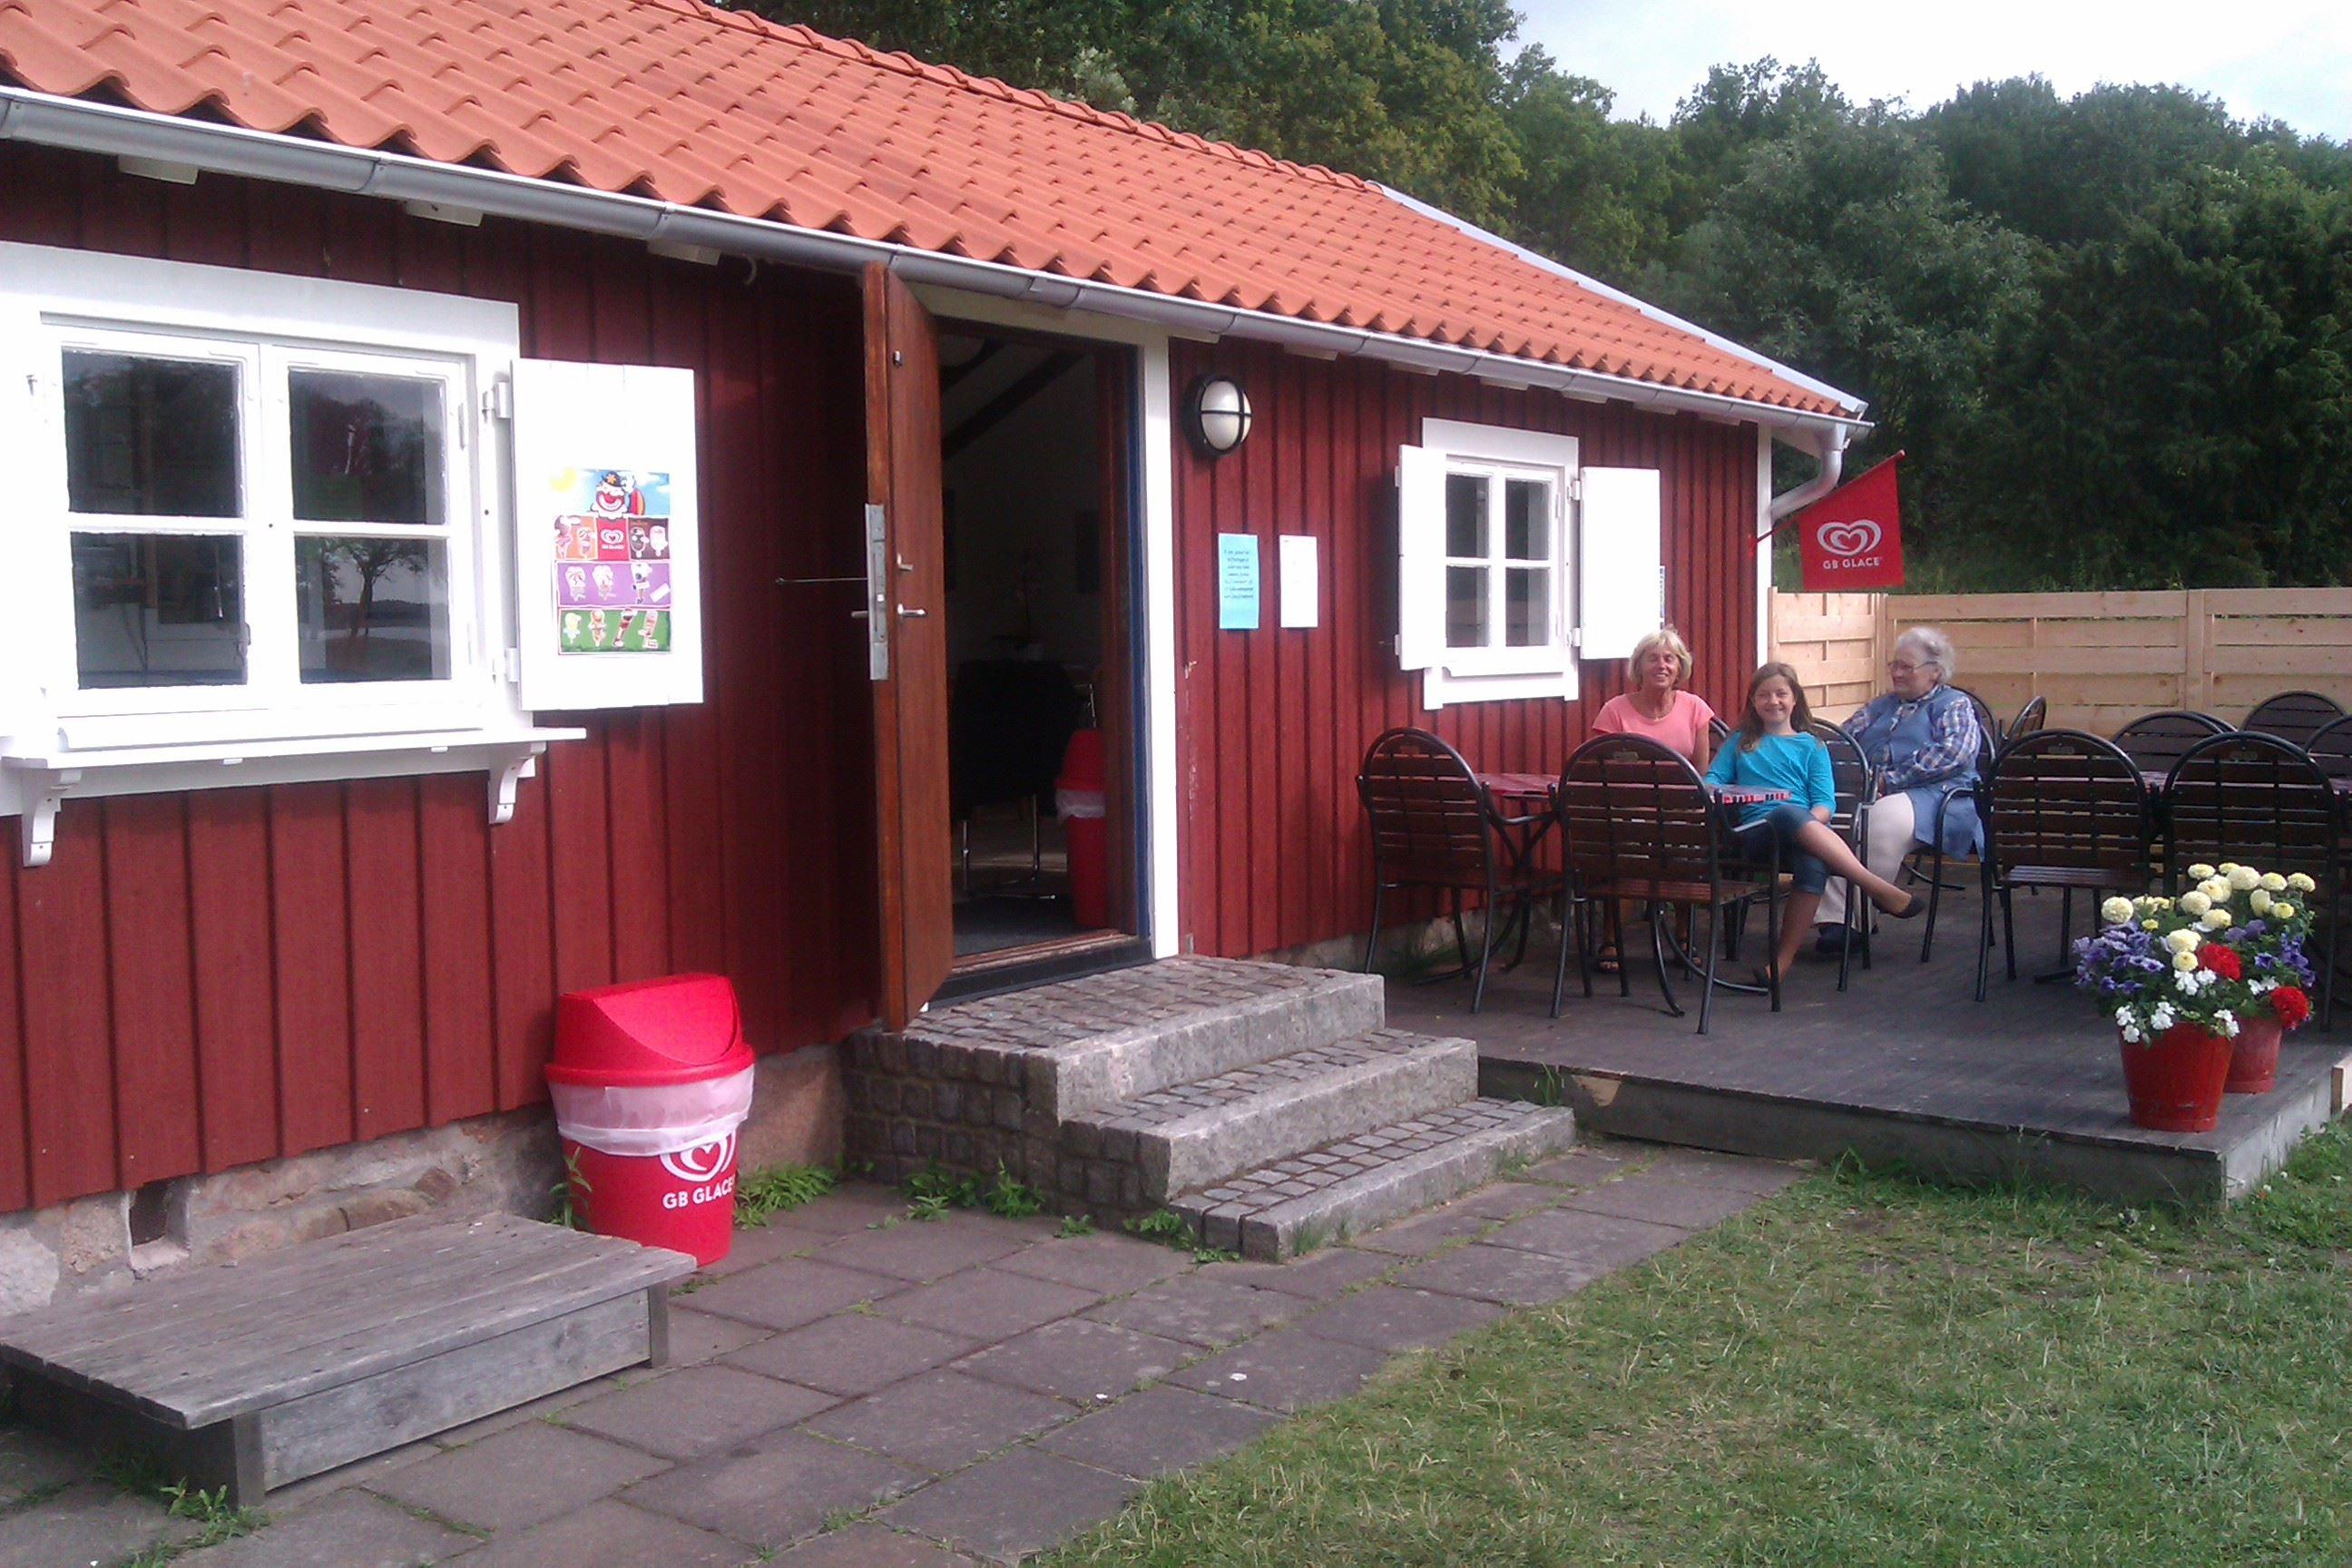 Café in Hallarumsviken